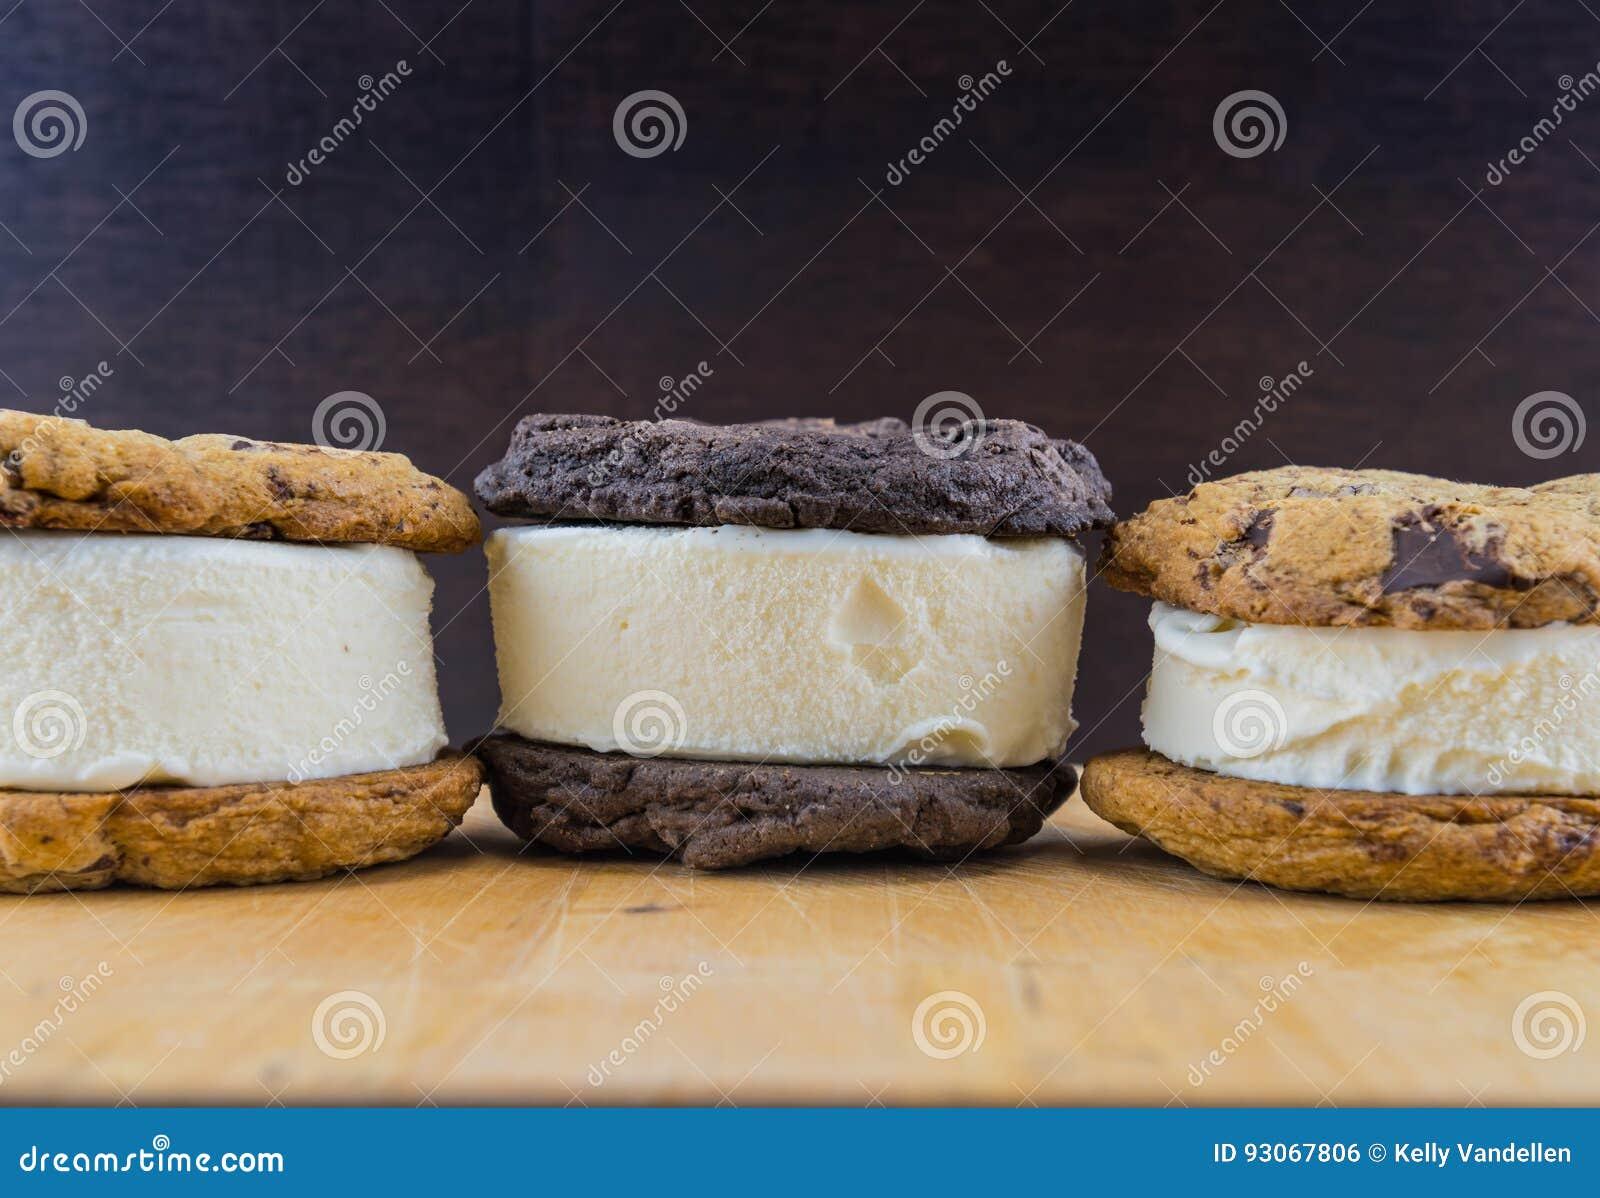 Сандвичи мороженого на деревянном столе